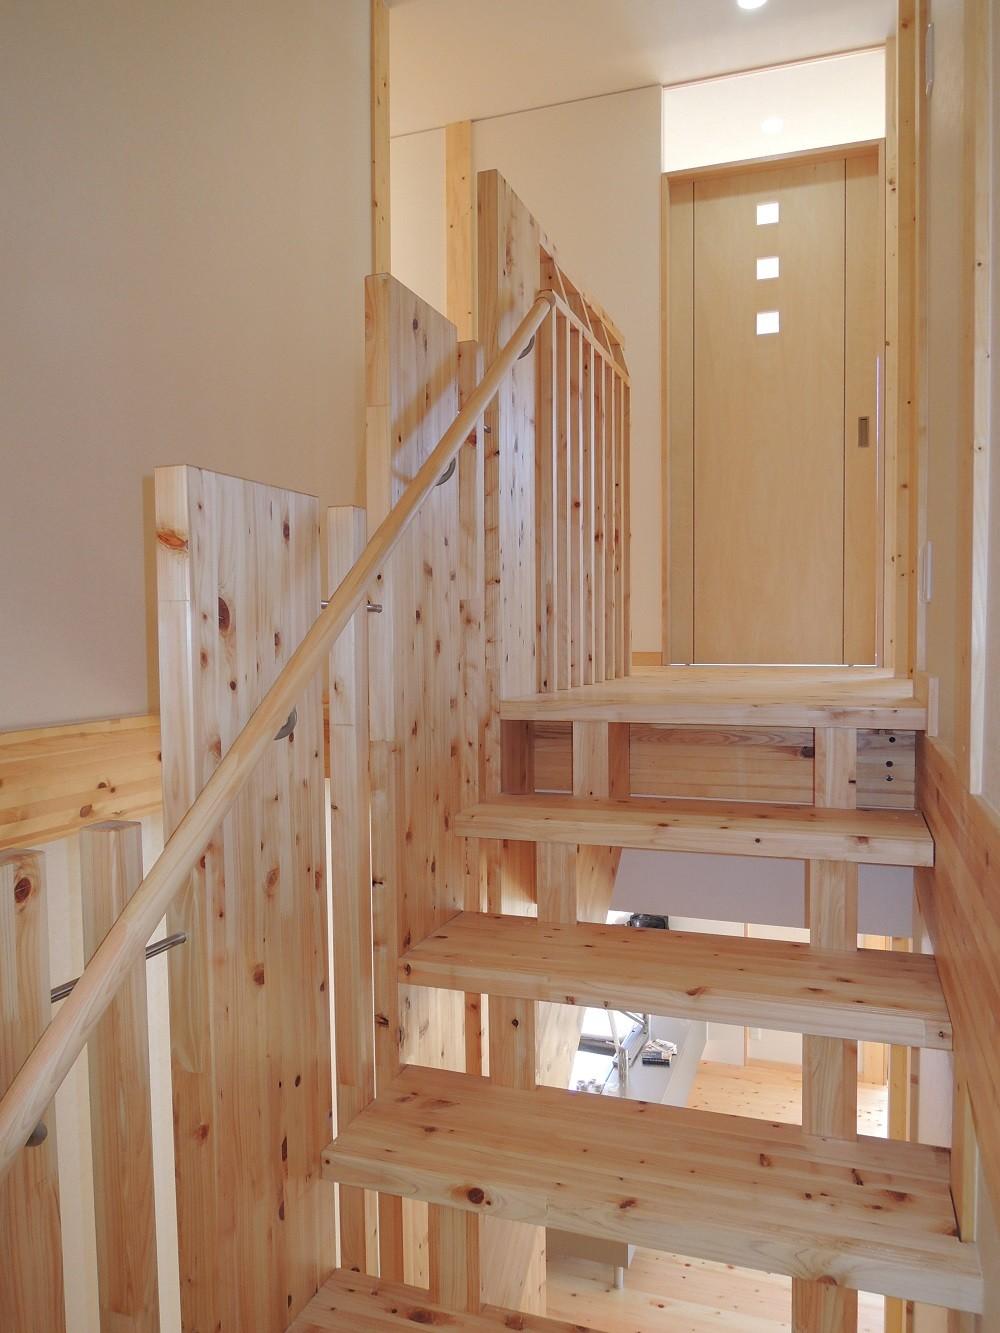 無垢材の香り漂う自然素材住宅:子育て世代にむけた のびやかな家 (階段を上がり、2階へ)